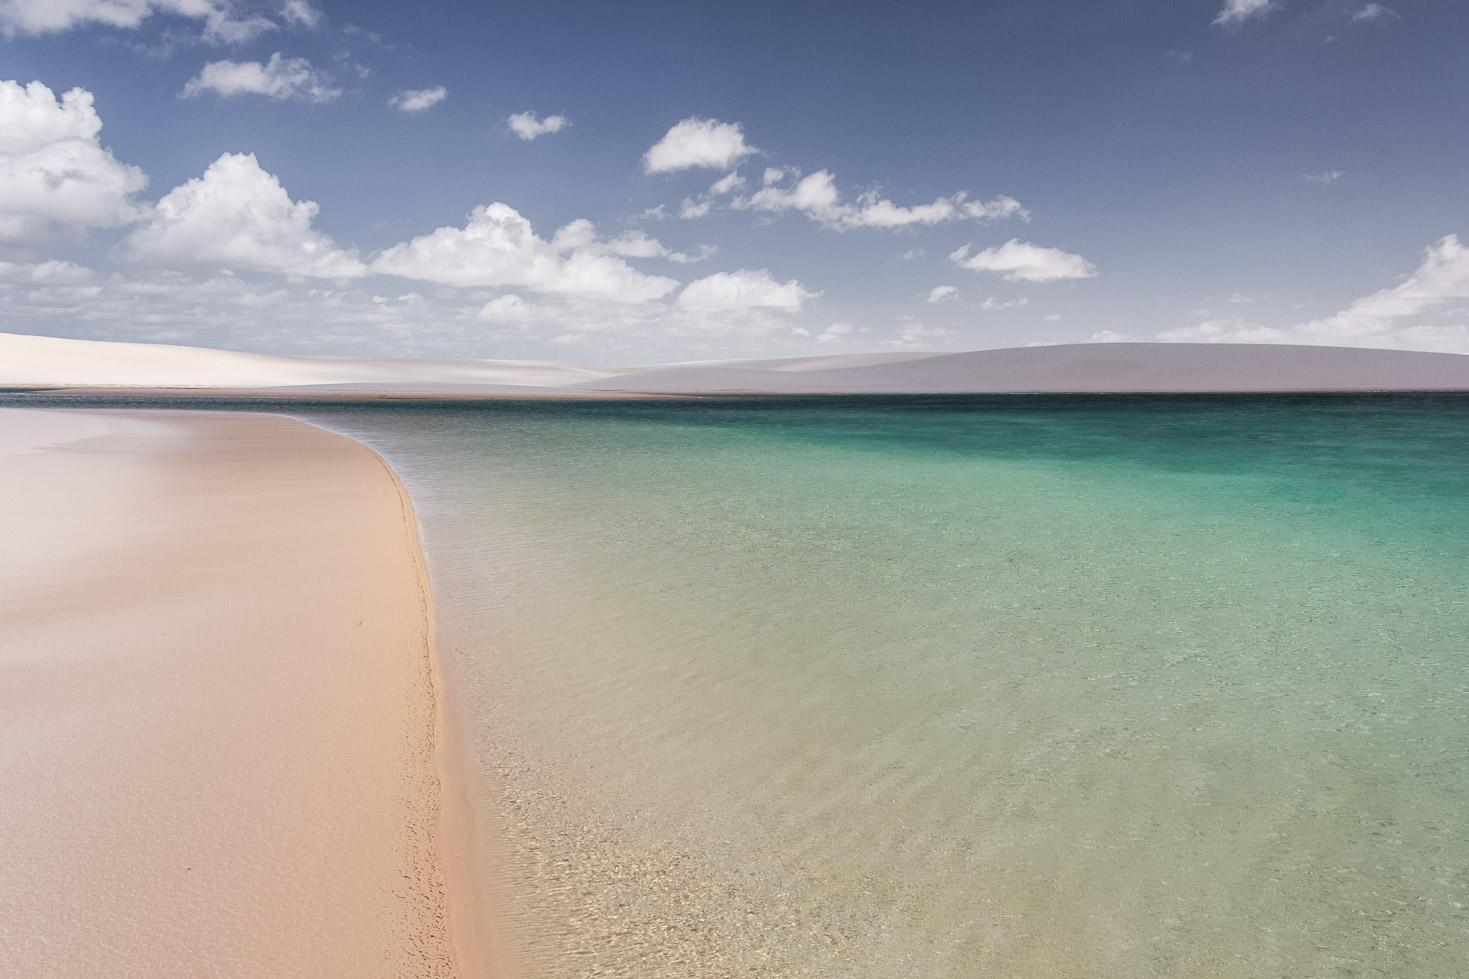 Les eaux cristallines d'une lagune dans les dunes des Lençois Maranhenses - Route des Sensations